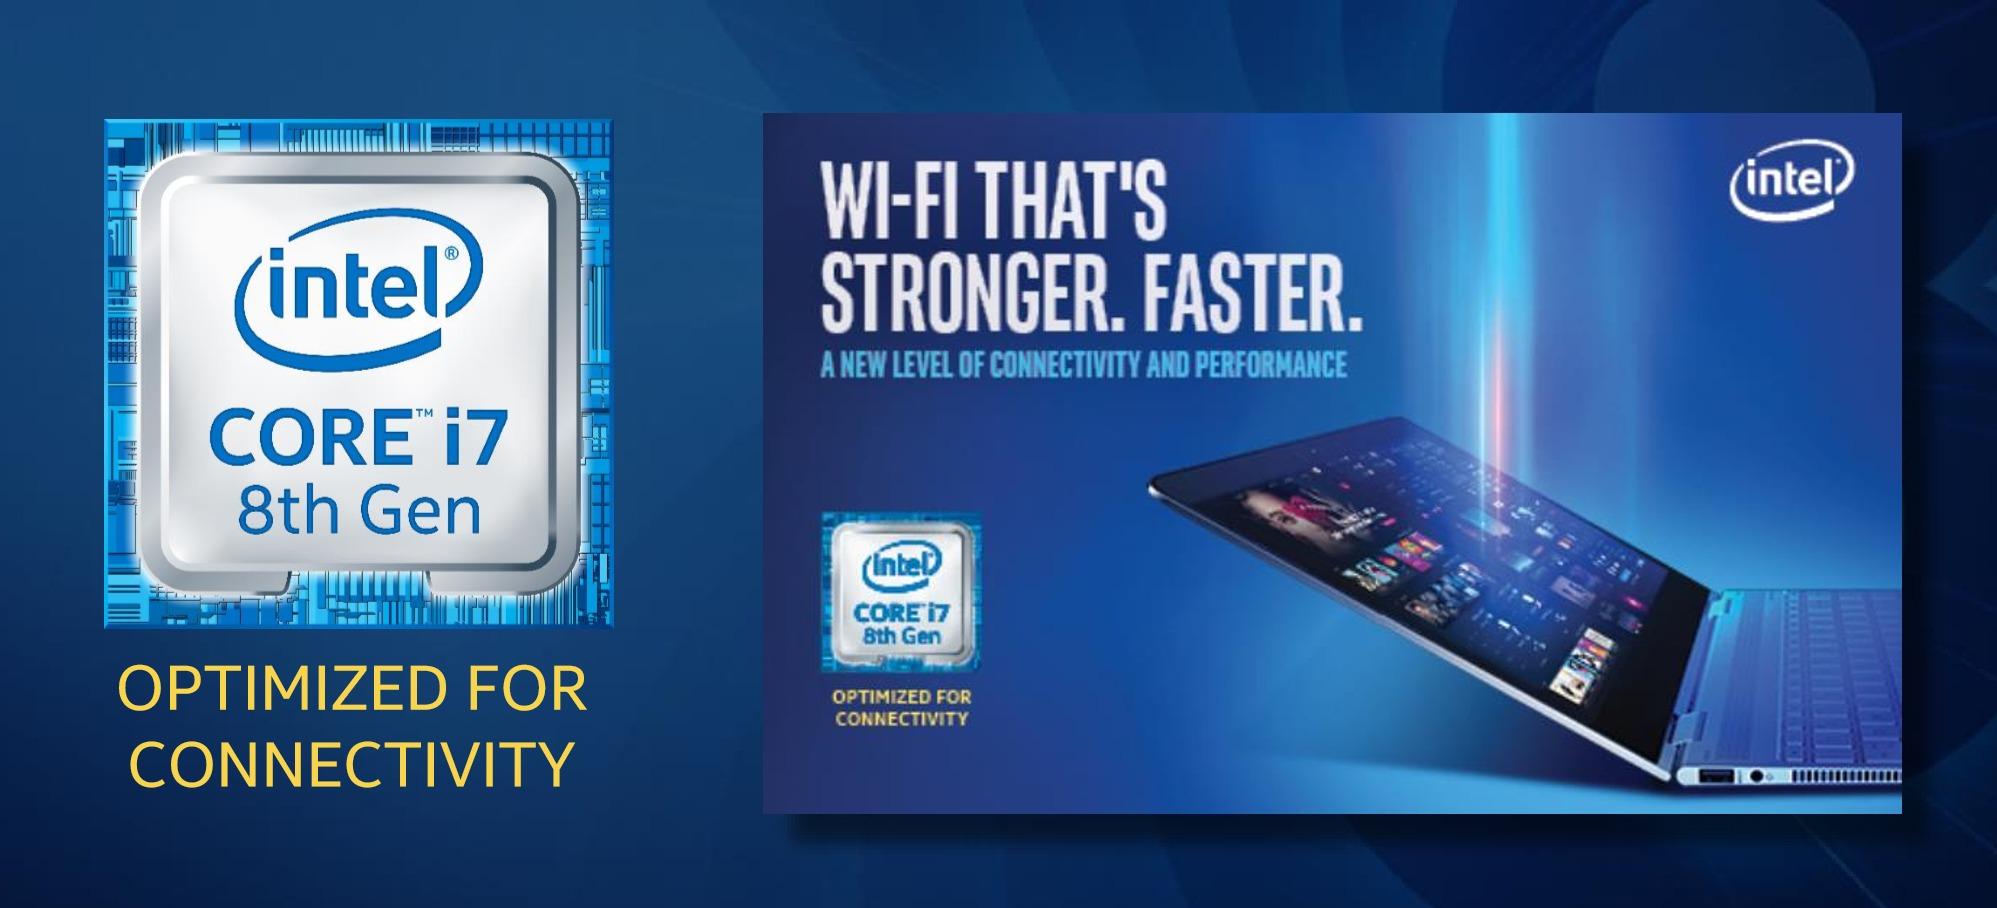 로고와 함께 나타나는 문구에서 알 수 있듯이 인텔의 신형 8세대 코어 칩은 연결성을 강조할 것이다.